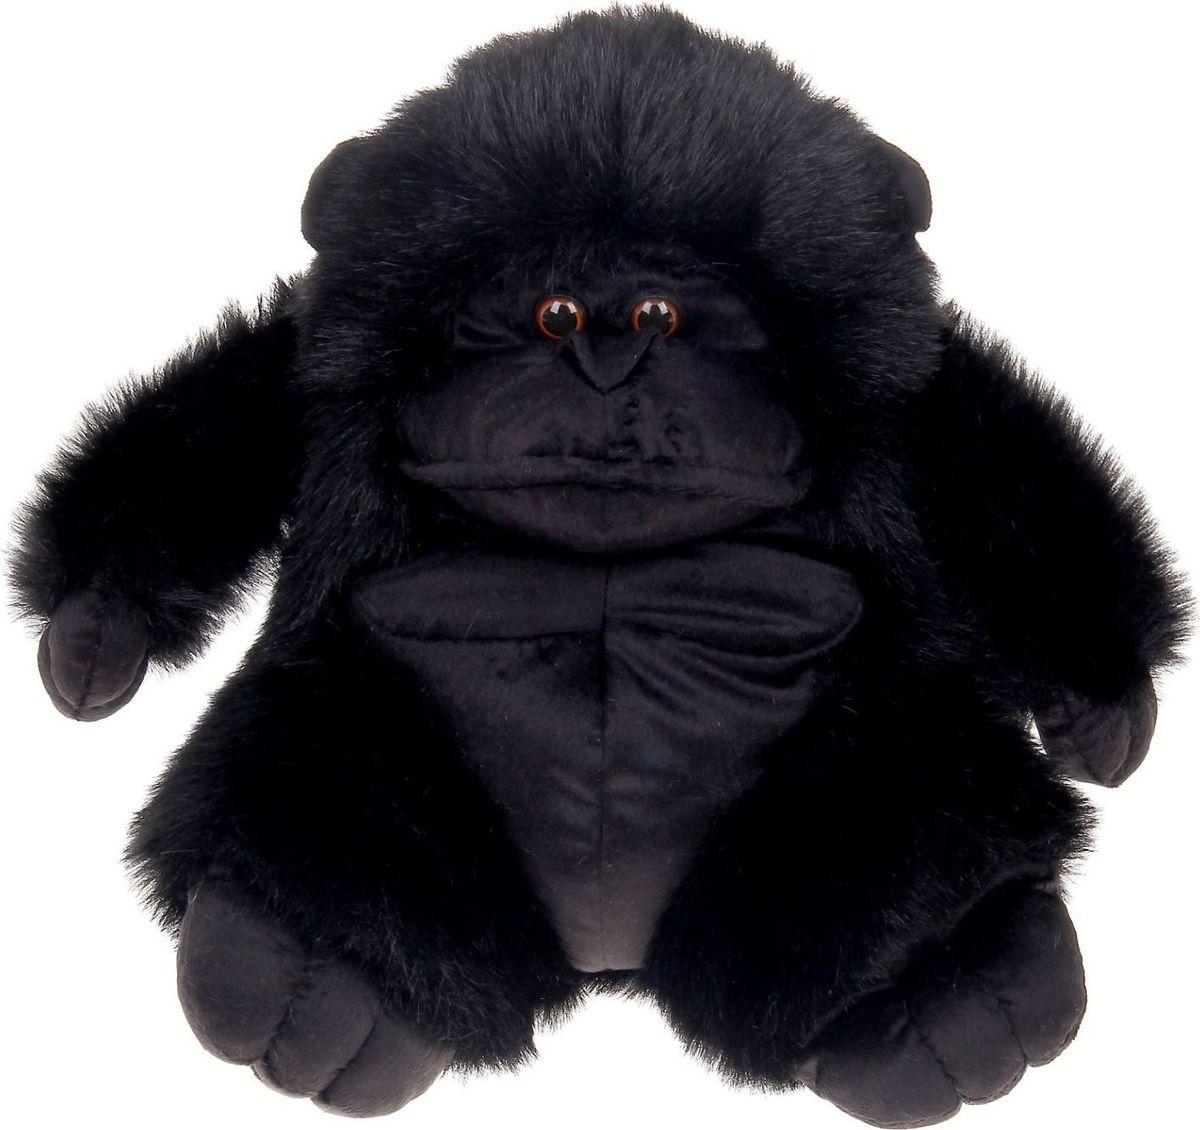 Sima-land Мягкая игрушка Горилла черная 36 см